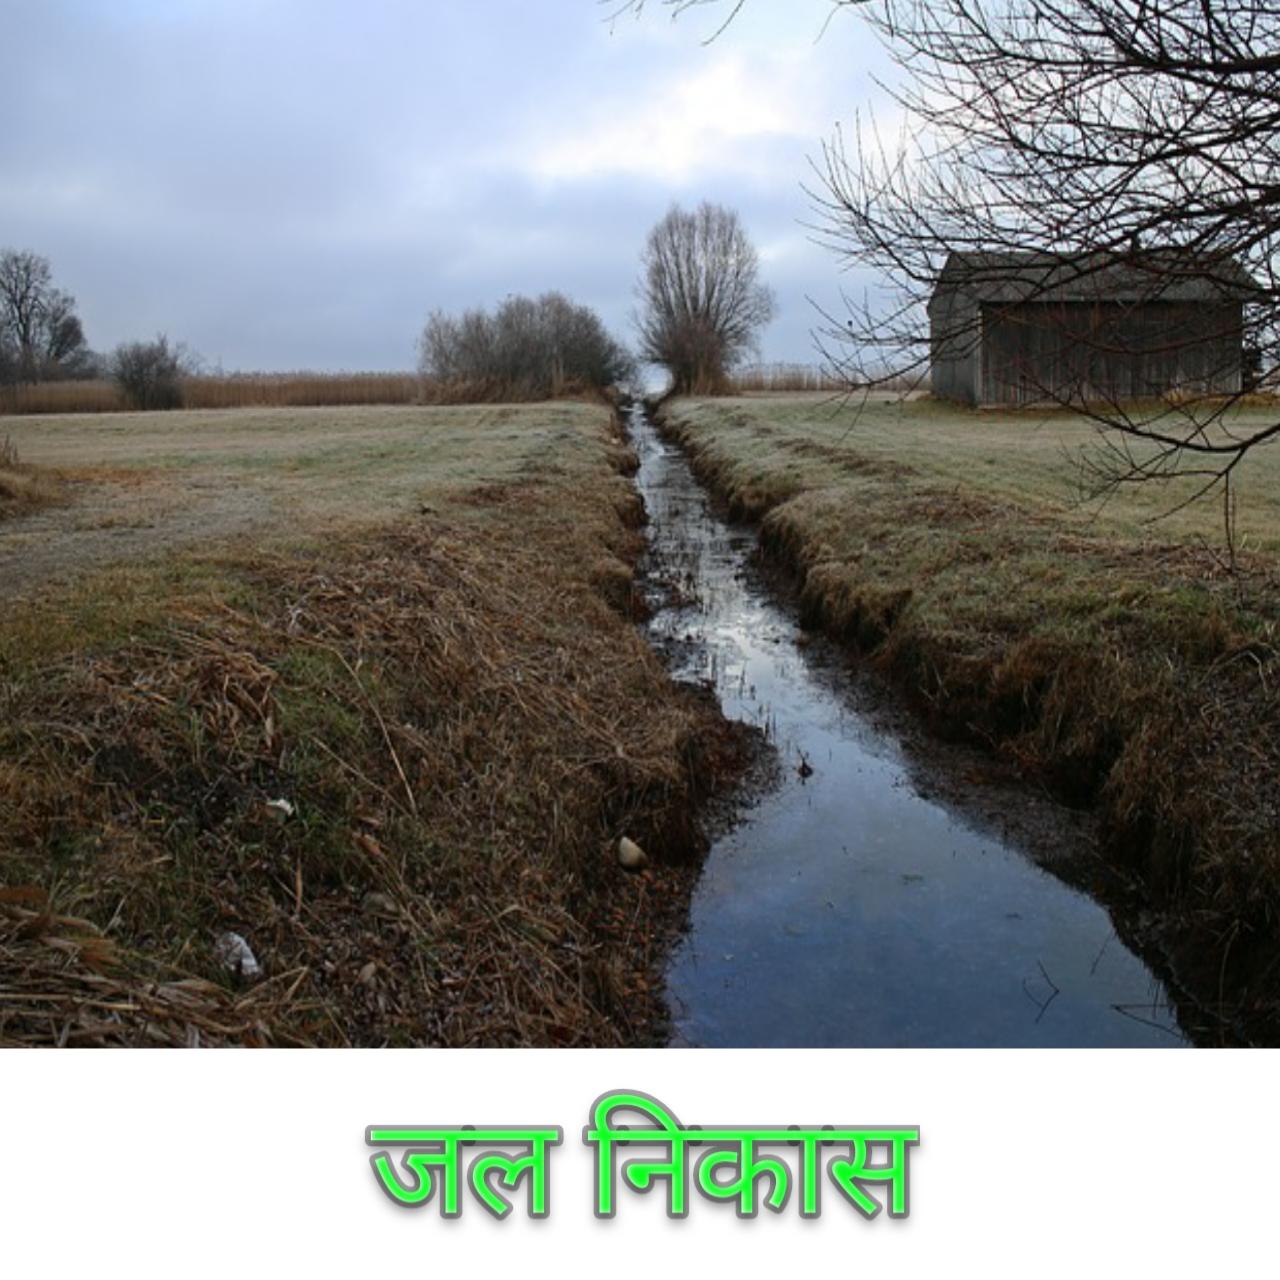 जल निकास की आवश्कता, उद्देश्य एवं लाभ व हानि Need, purpose and benefits and disadvantages of drainage